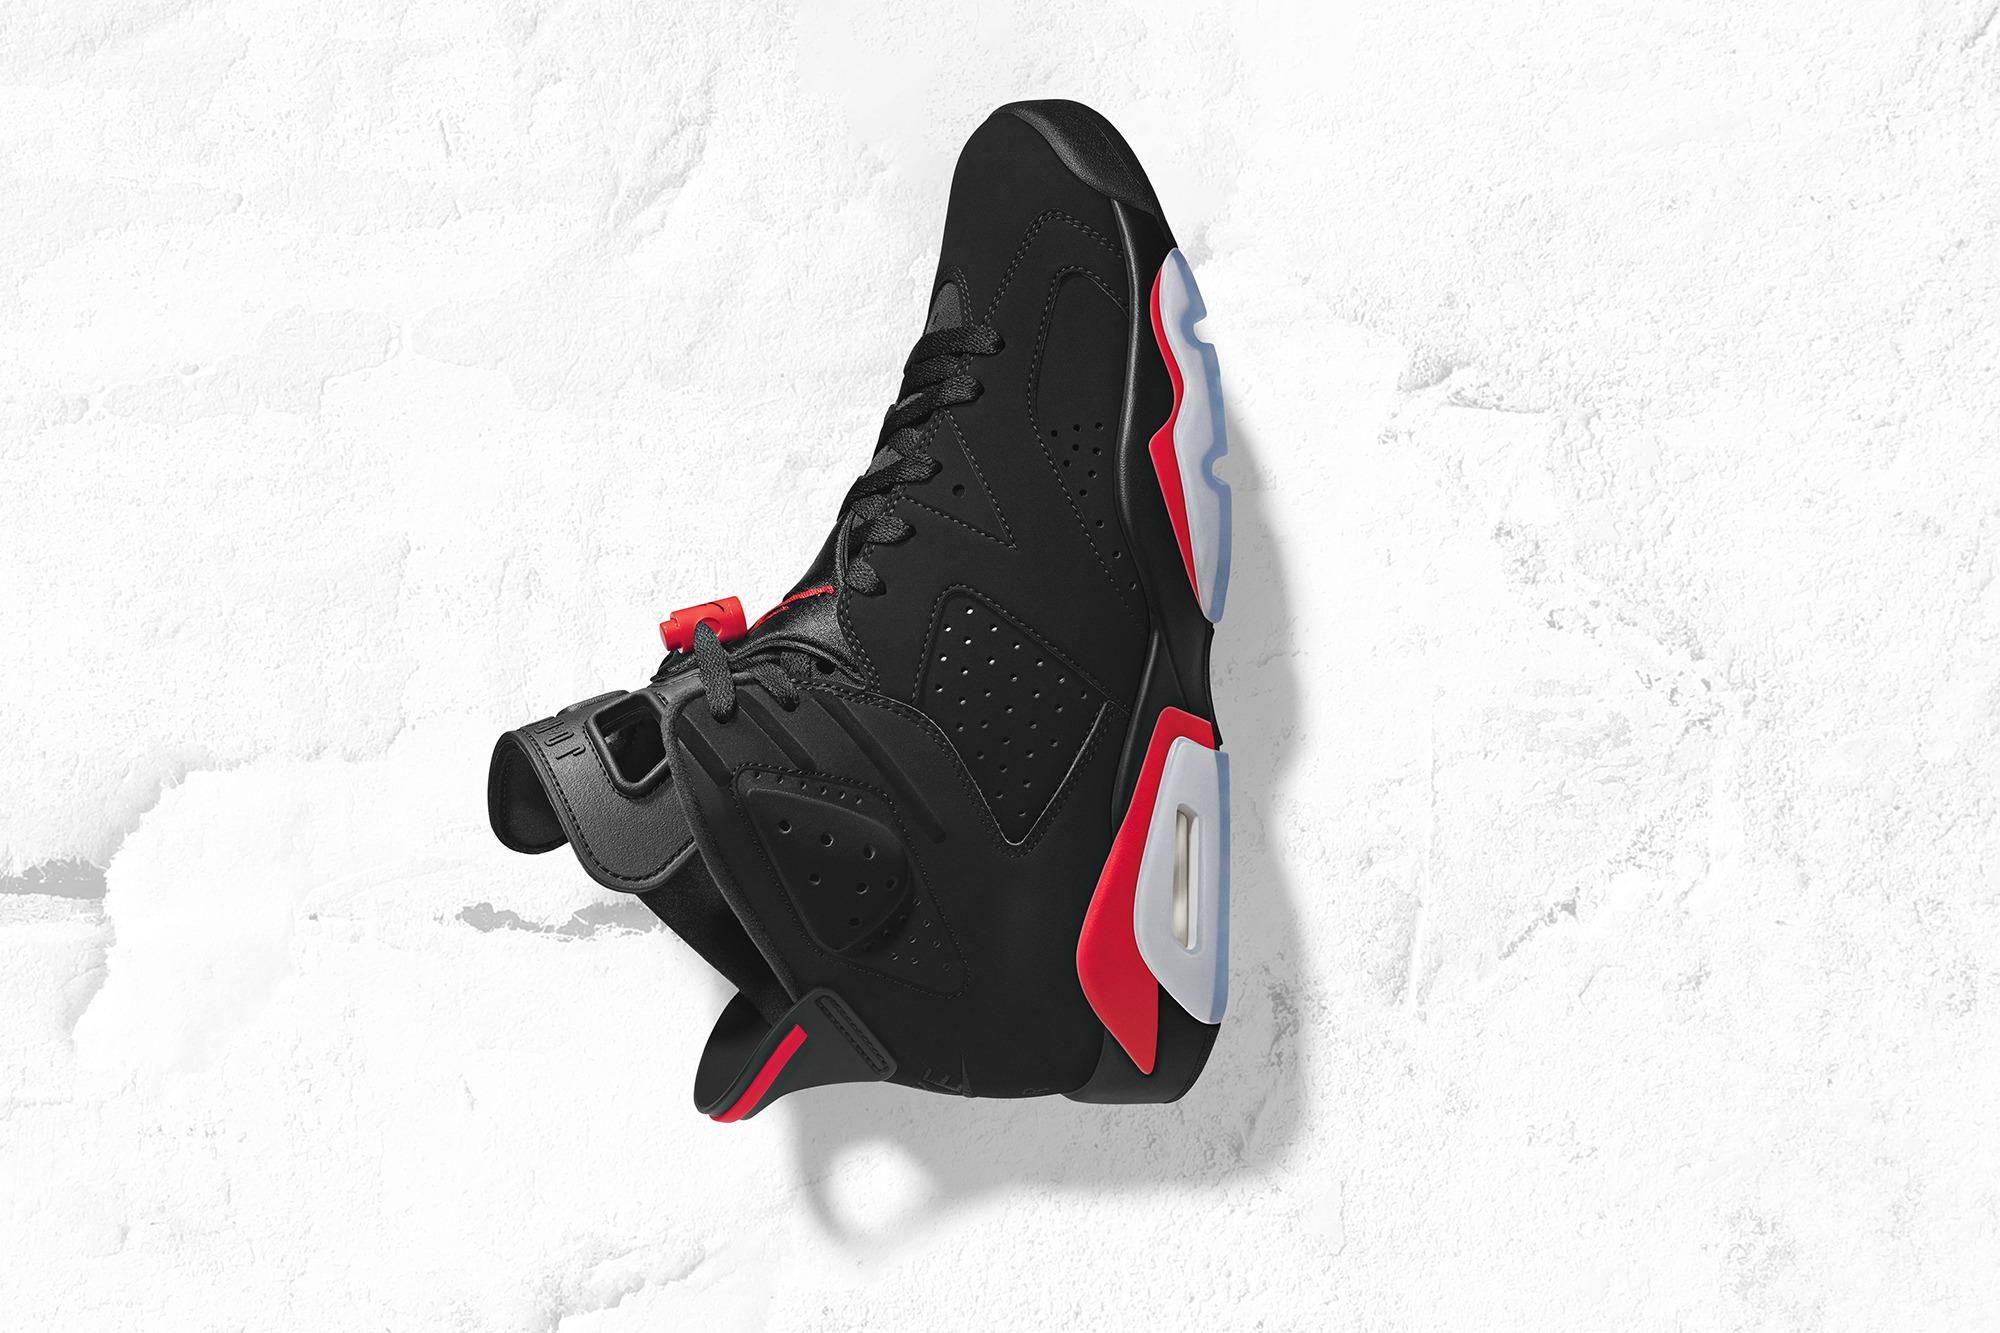 Air Jordan 6 OG Infrared